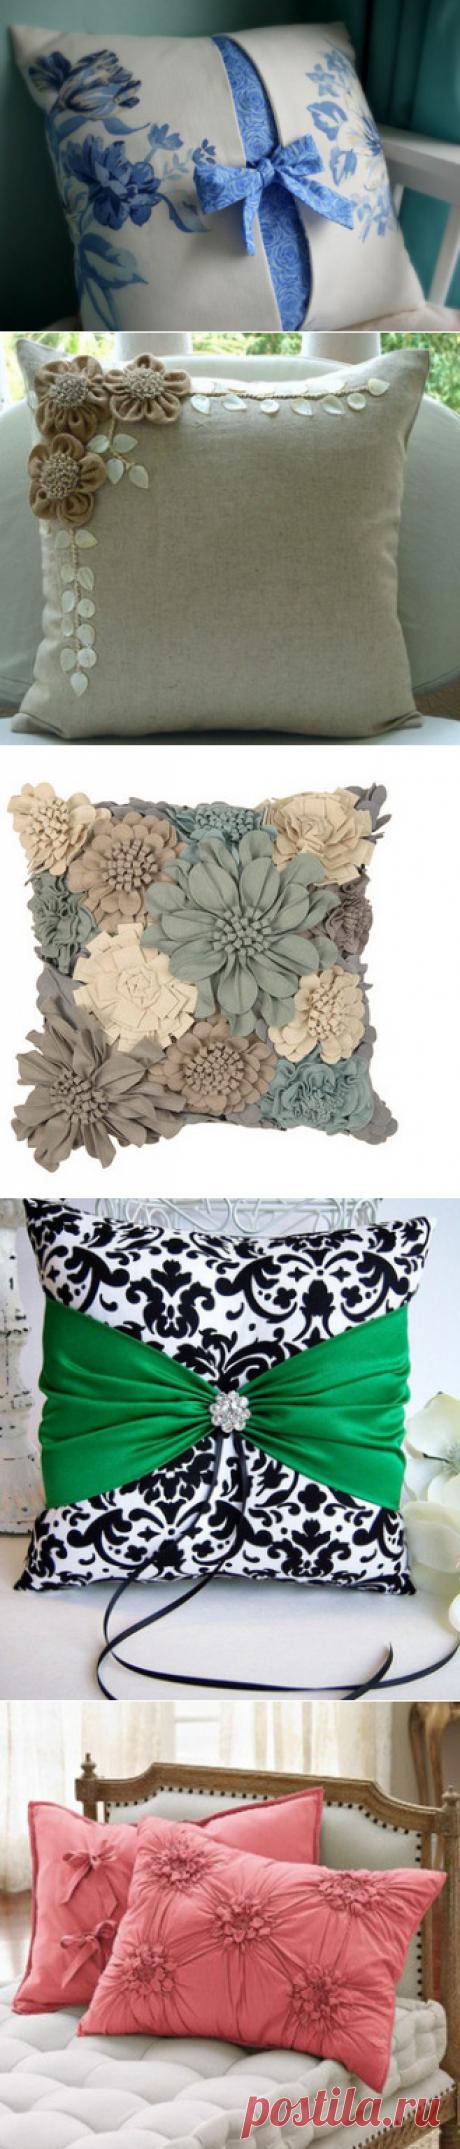 21 восхитительная идея создания декоративных подушек… Это под силу даже тем, кто не умеет шить!